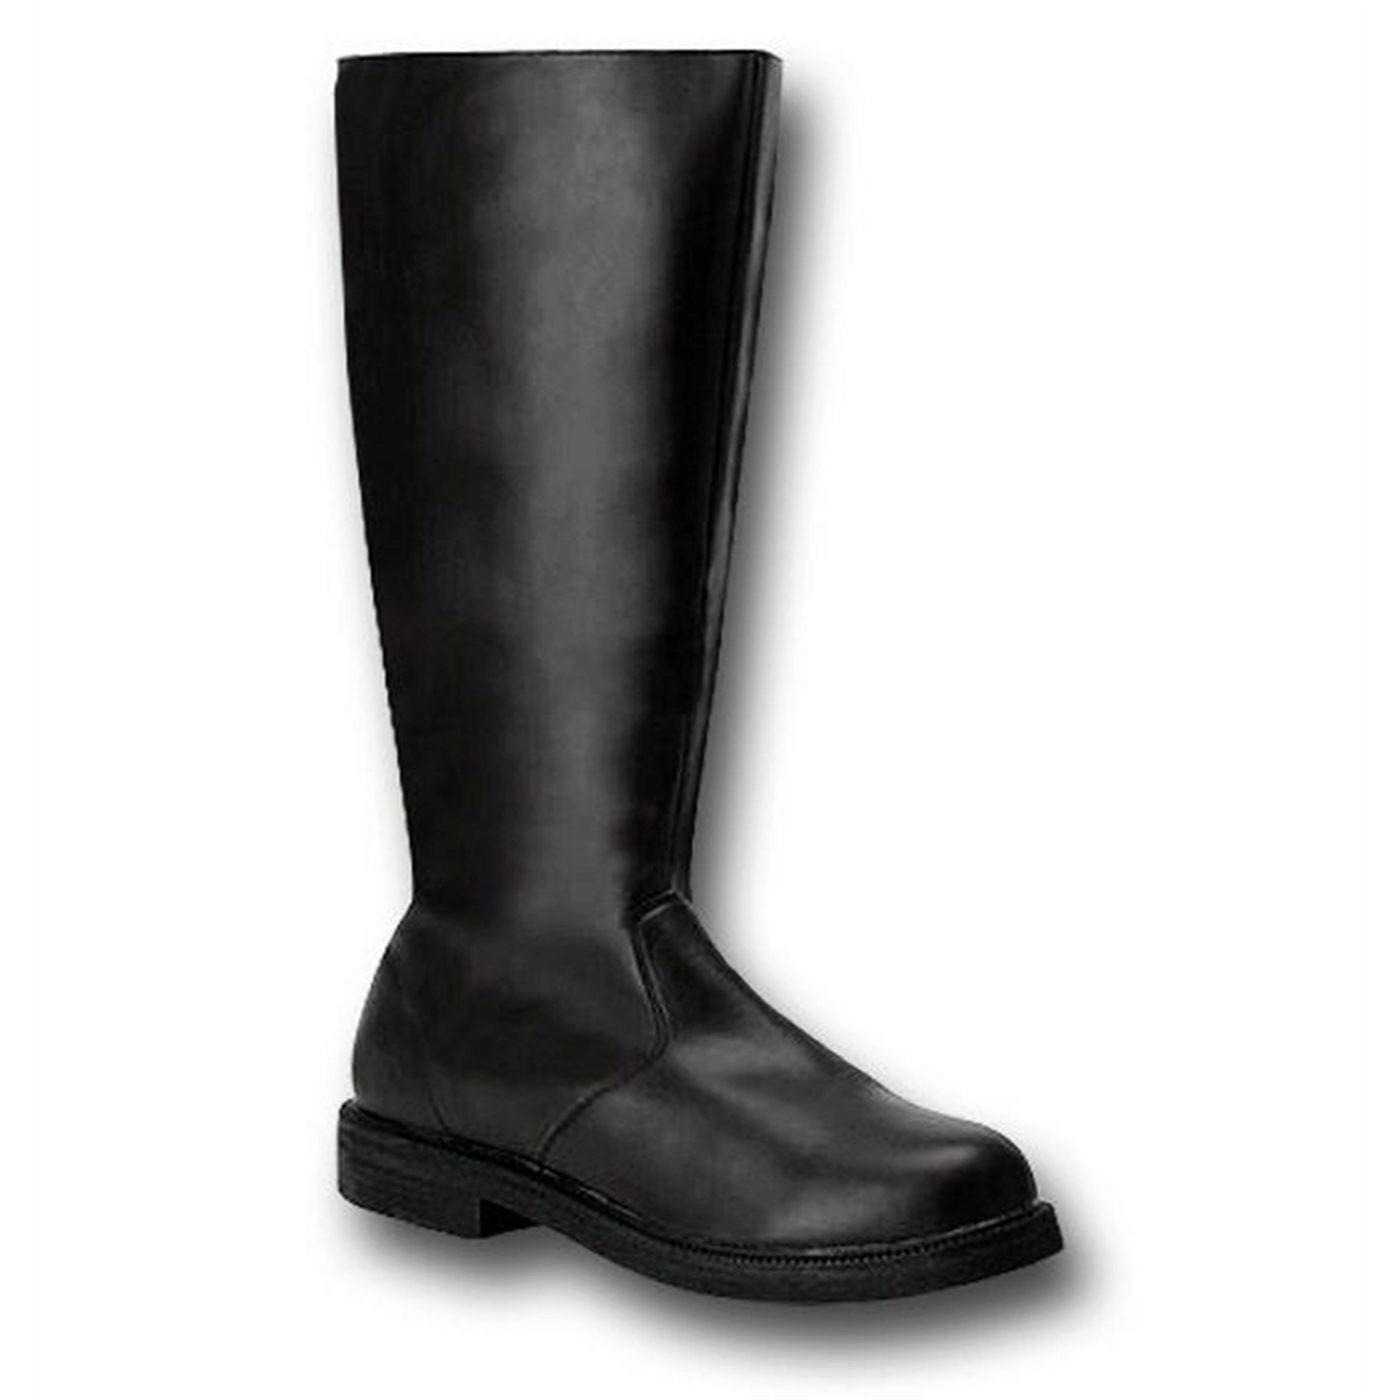 Black Boots Captain Style For Men